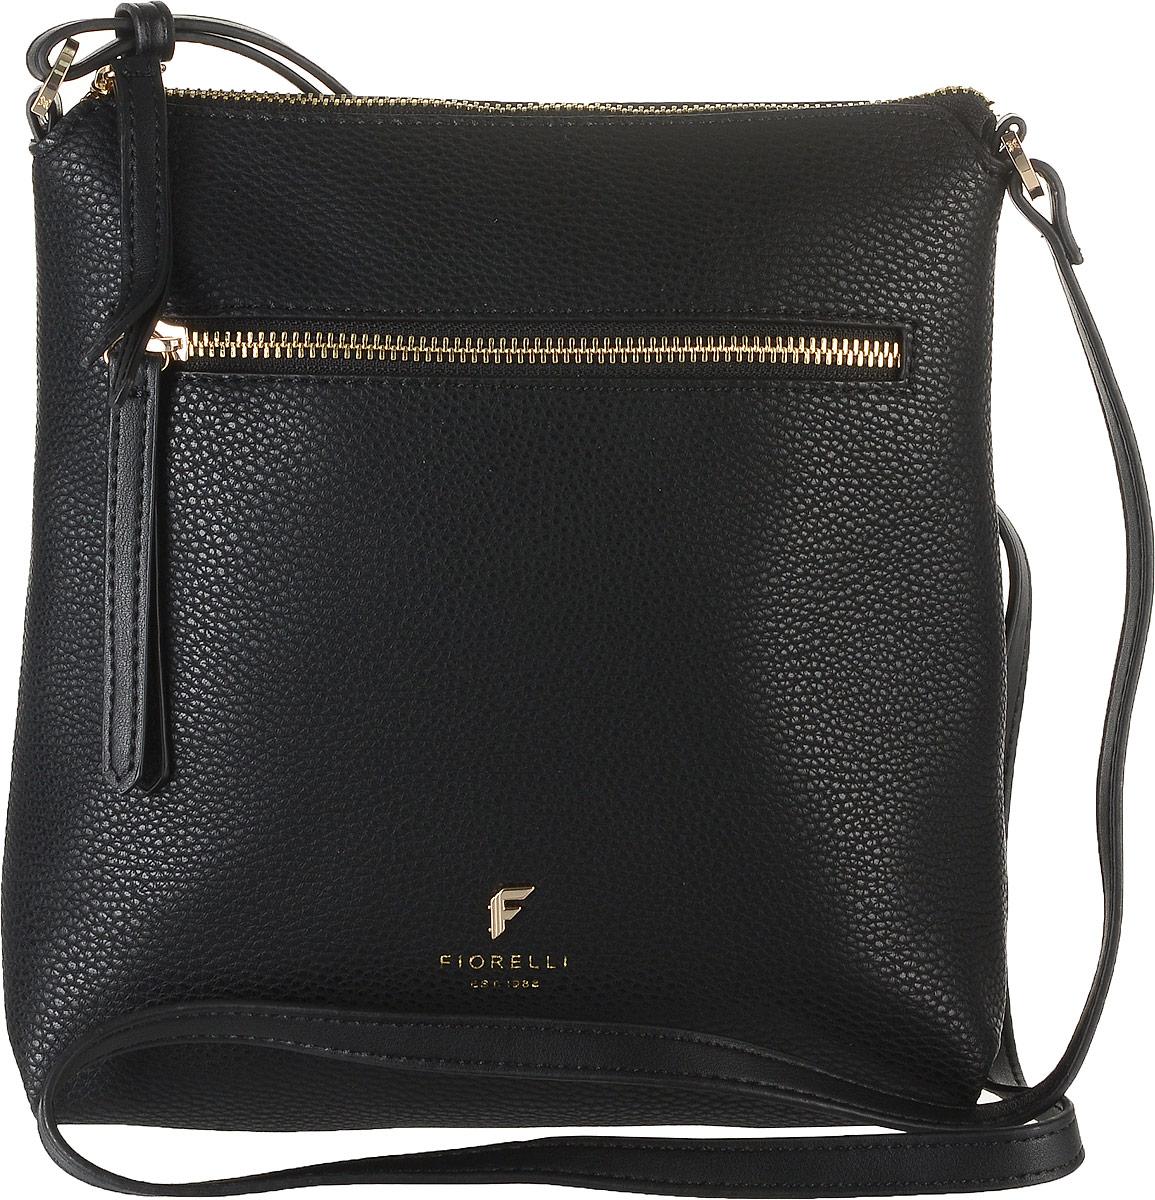 Сумка женская Fiorelli, цвет: черный. 8509 FH8509 FH Black CasualСтильная сумка Fiorelli выполнена из высококачественной искусственной кожи зернистой текстуры. Изделие оформлено металлической пластинкой с логотипом бренда. На лицевой стороне расположен удобный вшитый карман на молнии. На тыльной стороне расположен открытый накладной карман. Сумка оснащена плечевым ремнем, длина которого регулируется с помощью пряжки. Изделие закрывается на застежку- молнию. Внутри расположено главное отделение, которое содержит один открытый накладной карман и фирменную нашивку.